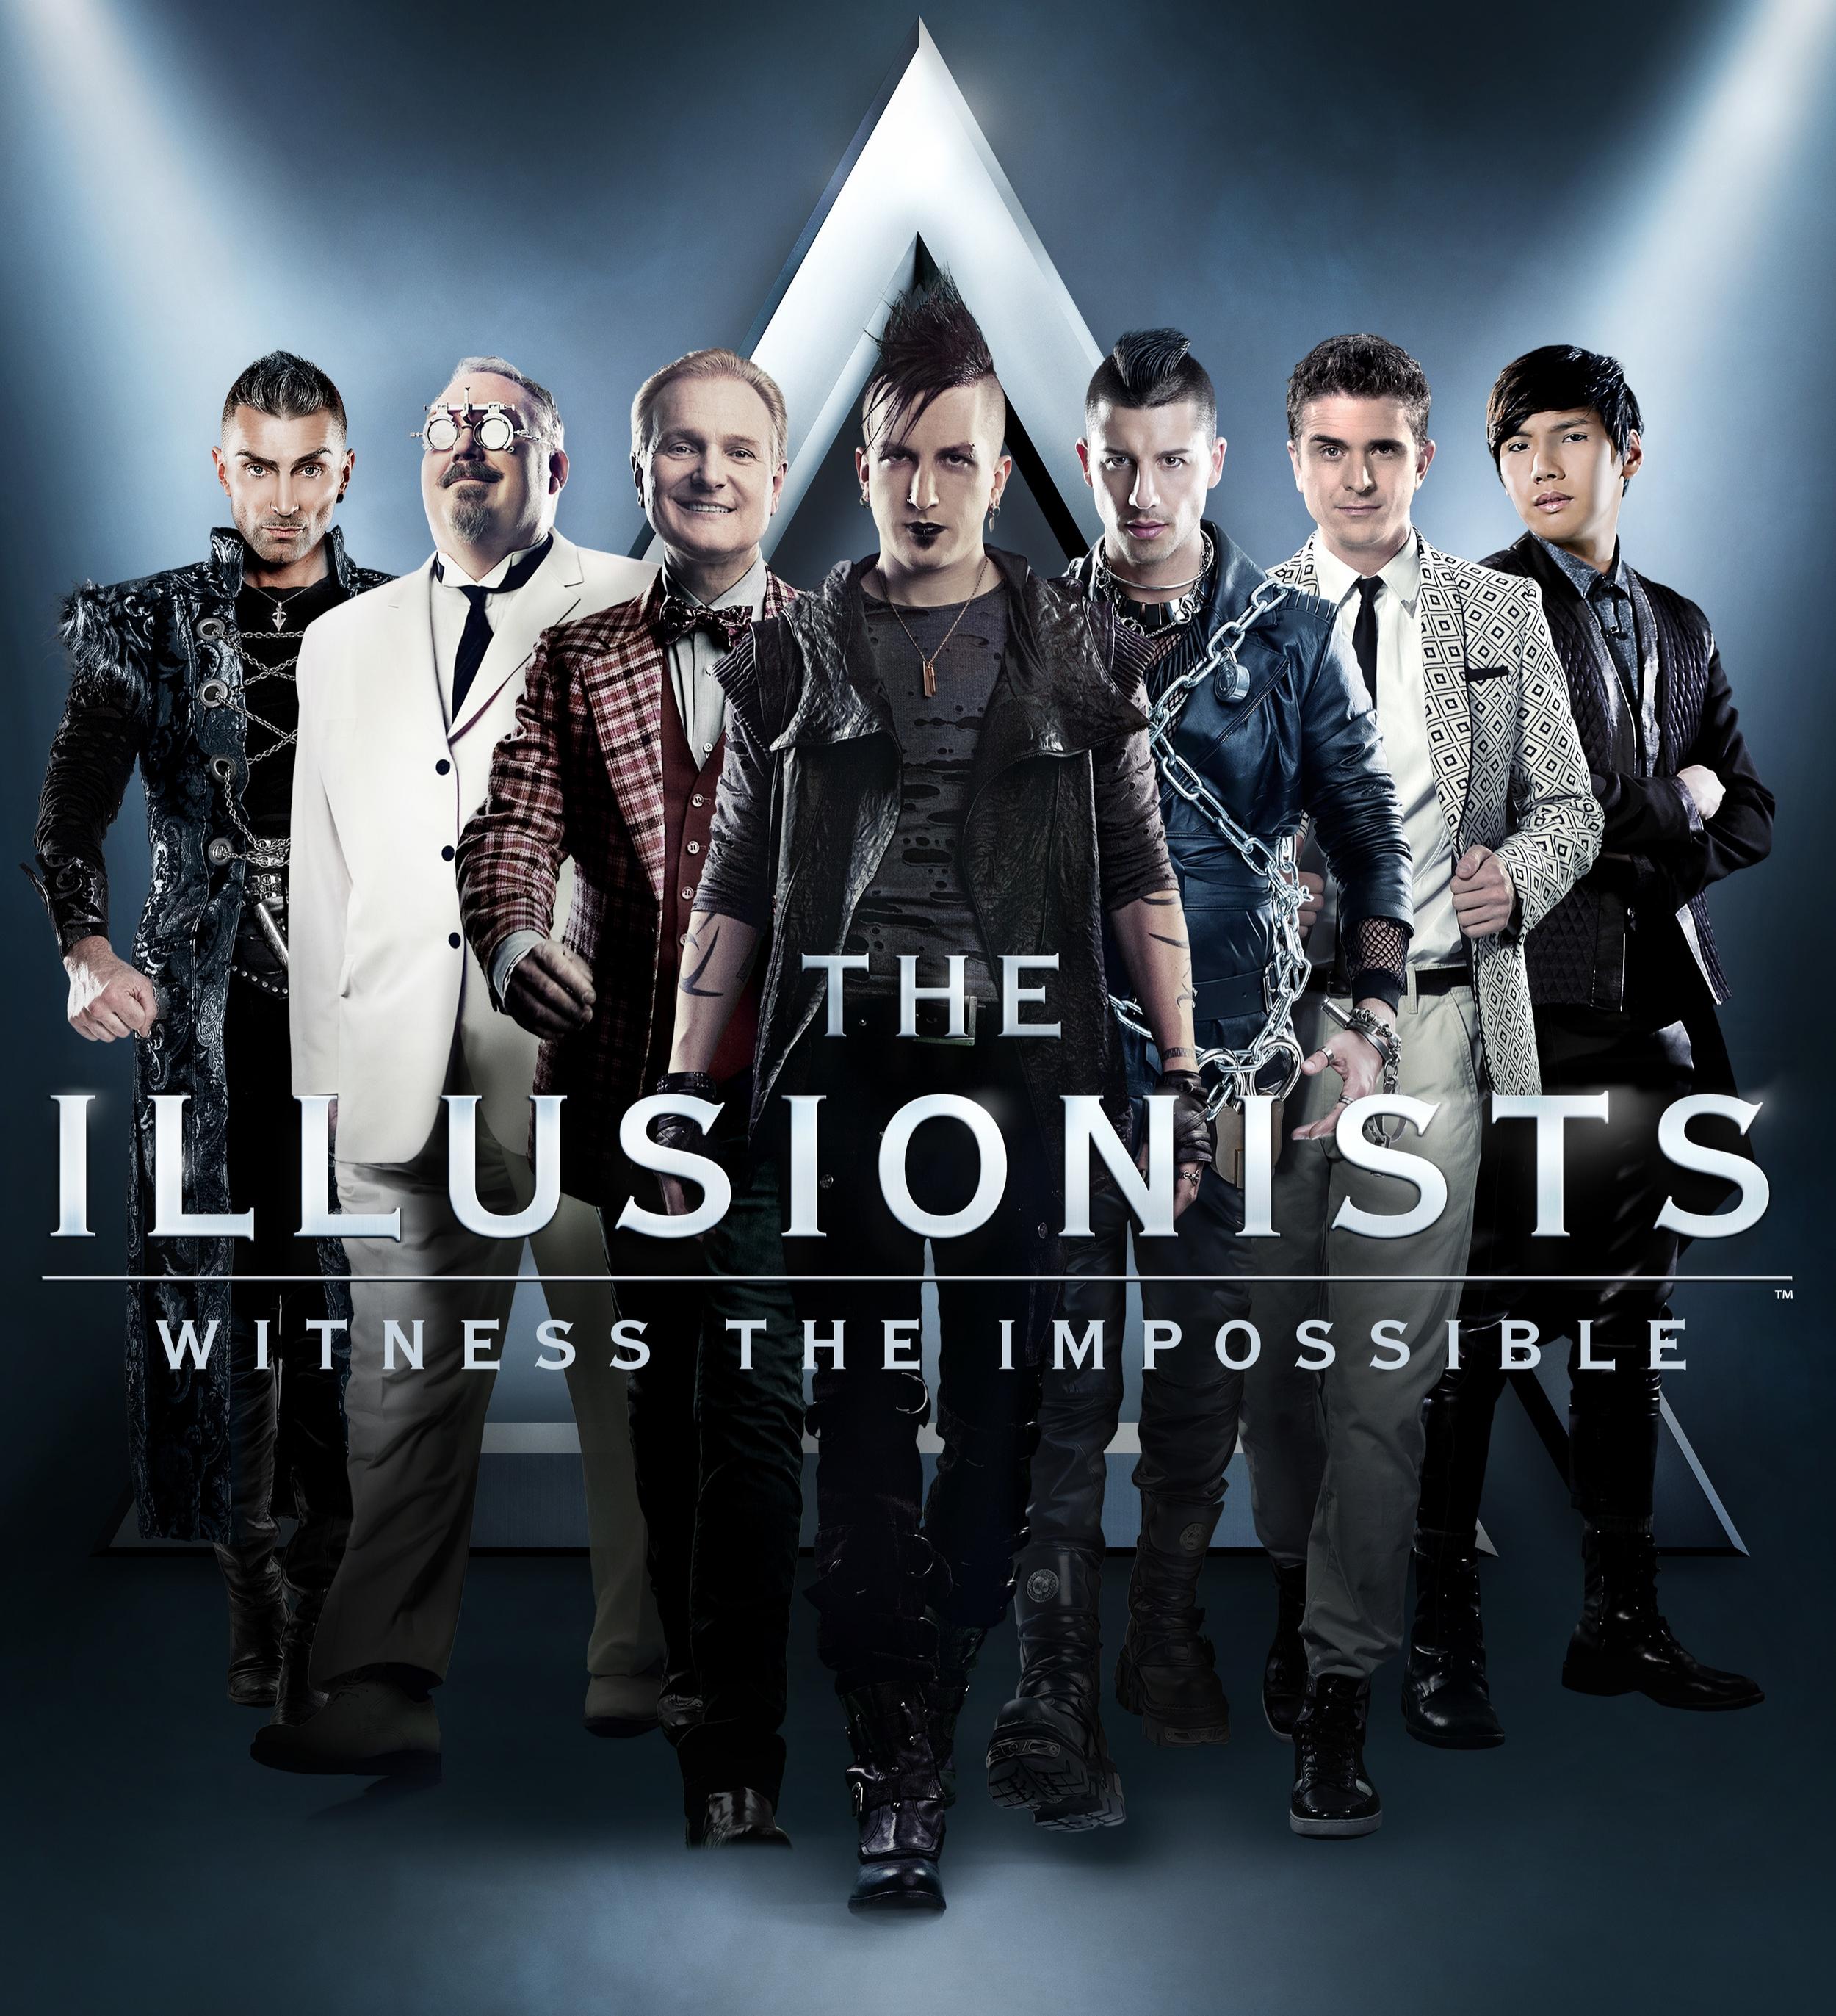 Illusionist_Broadway_11x17.jpg